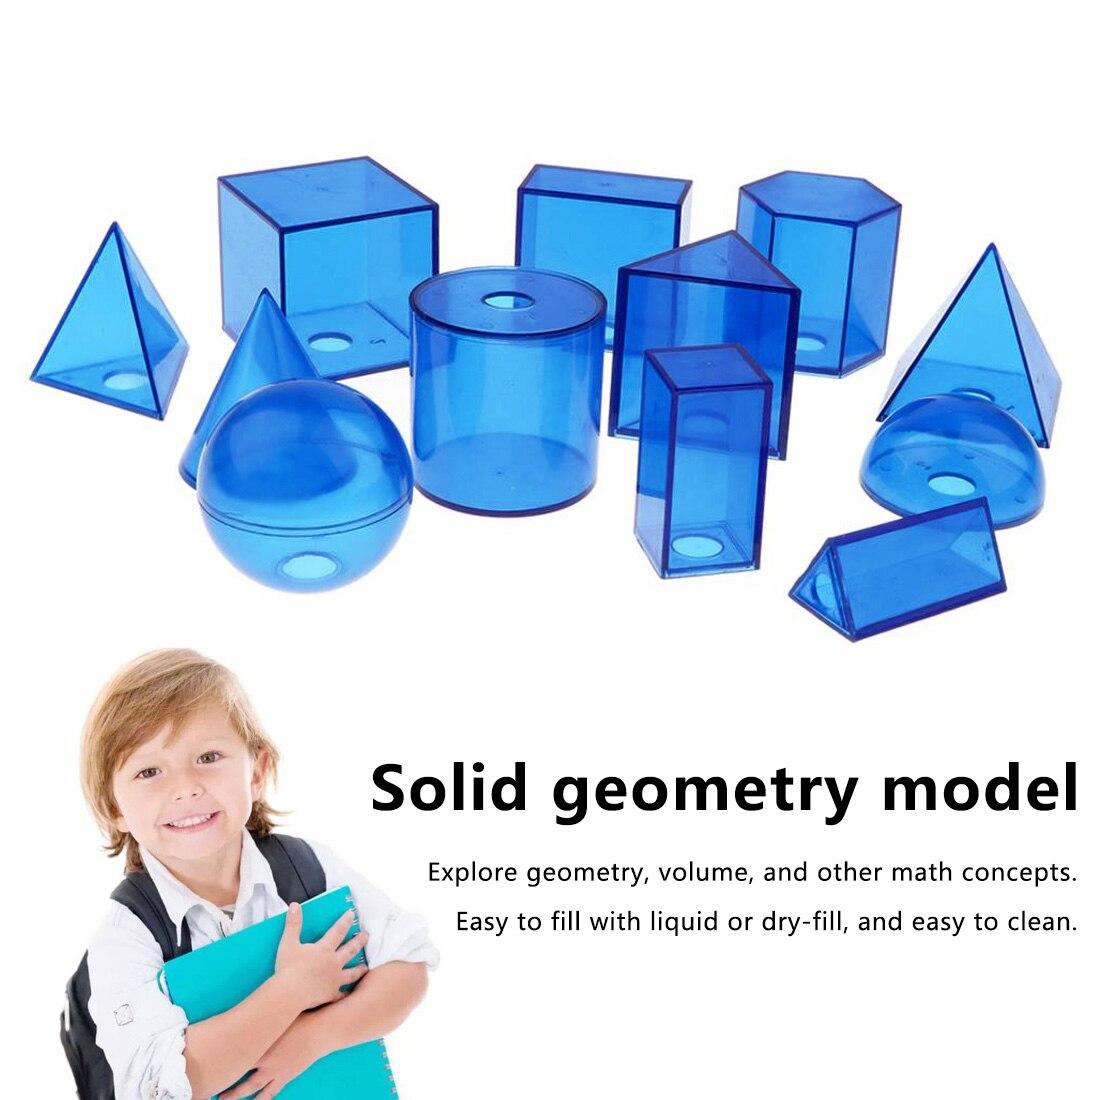 Modelo de sólidos geométricos 3D transparentes para estudiantes de educación temprana de matemáticas 12 unids/set 20 tipo DIY de Control remoto inalámbrico de carreras de modelo Kit de madera para niños de ciencia física de juguete ensamblado juguete educativo de coche